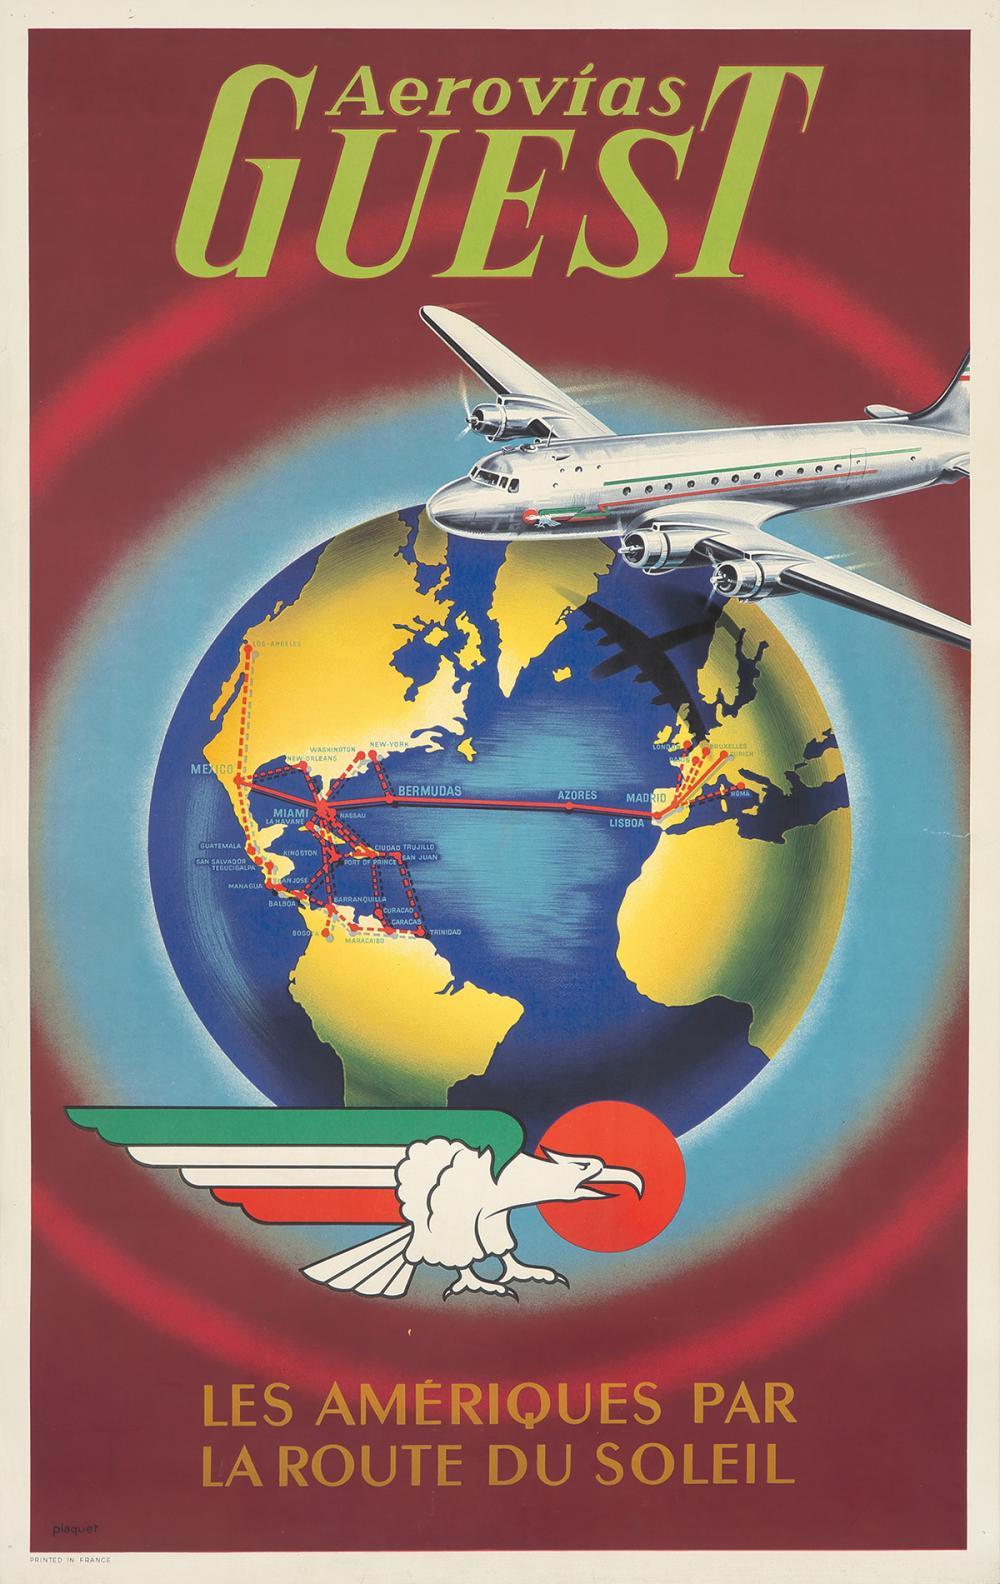 Aerovias Guest. ca. 1960s.